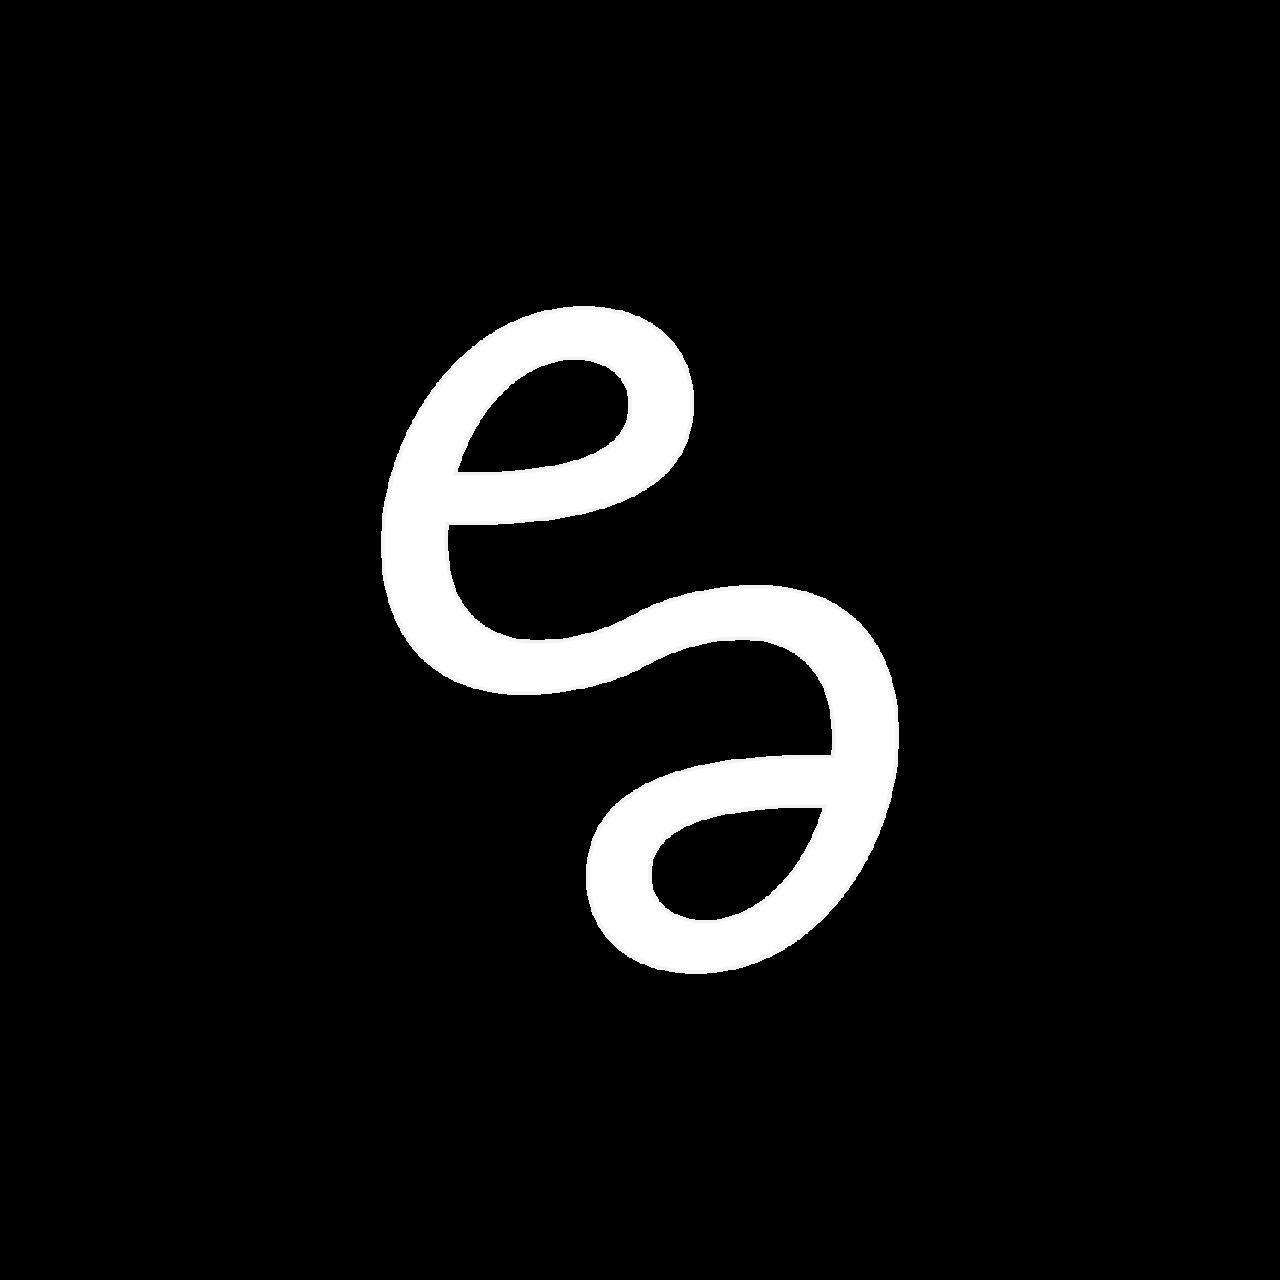 Elham Ascha logo